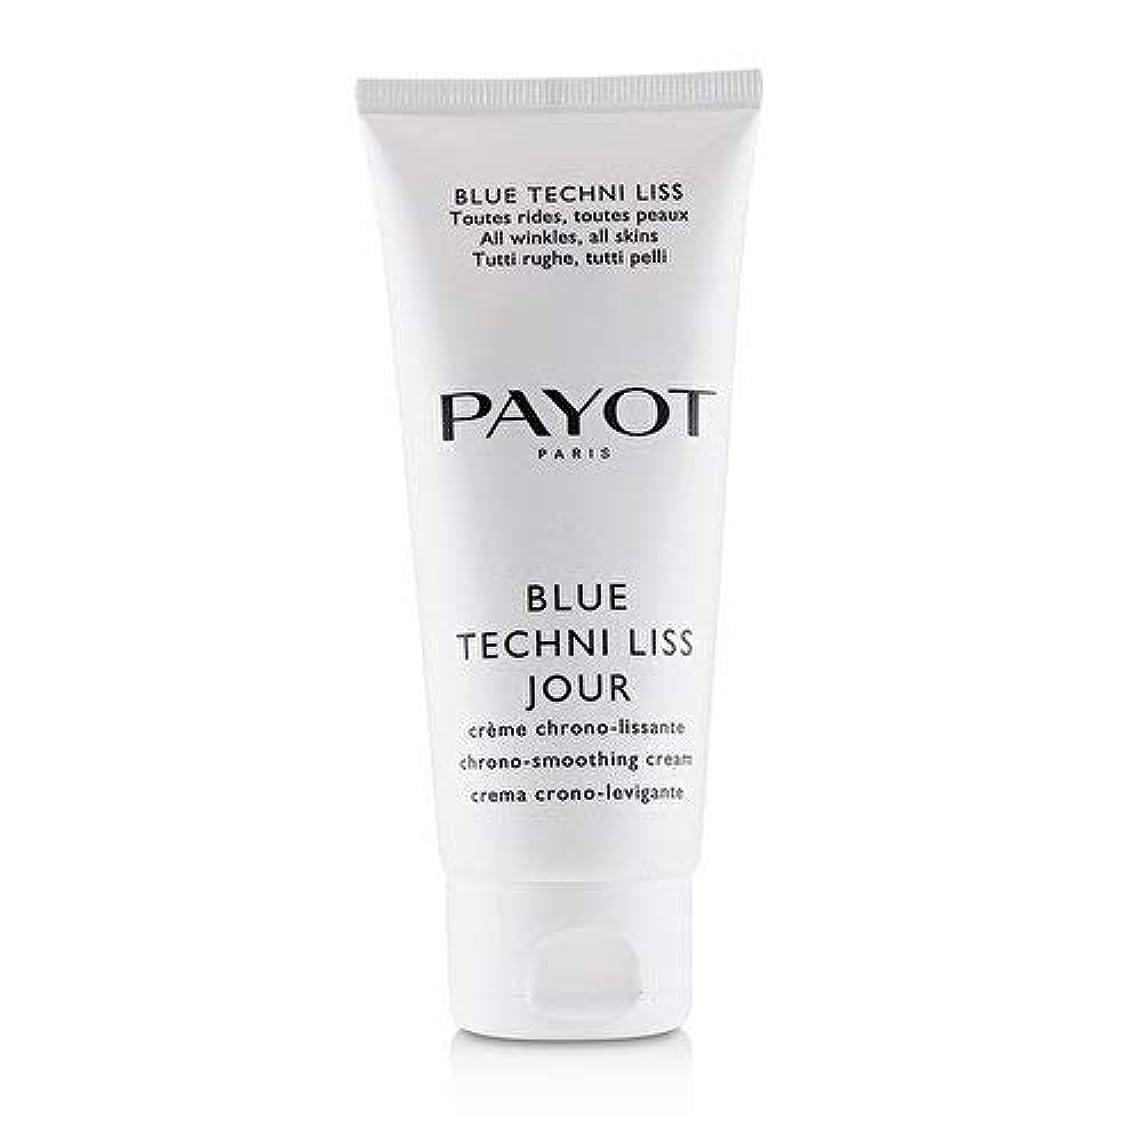 砂漠面白い化学薬品パイヨ Blue Techni Liss Jour Chrono-Smoothing Cream (Salon Size) 100ml/3.3oz並行輸入品